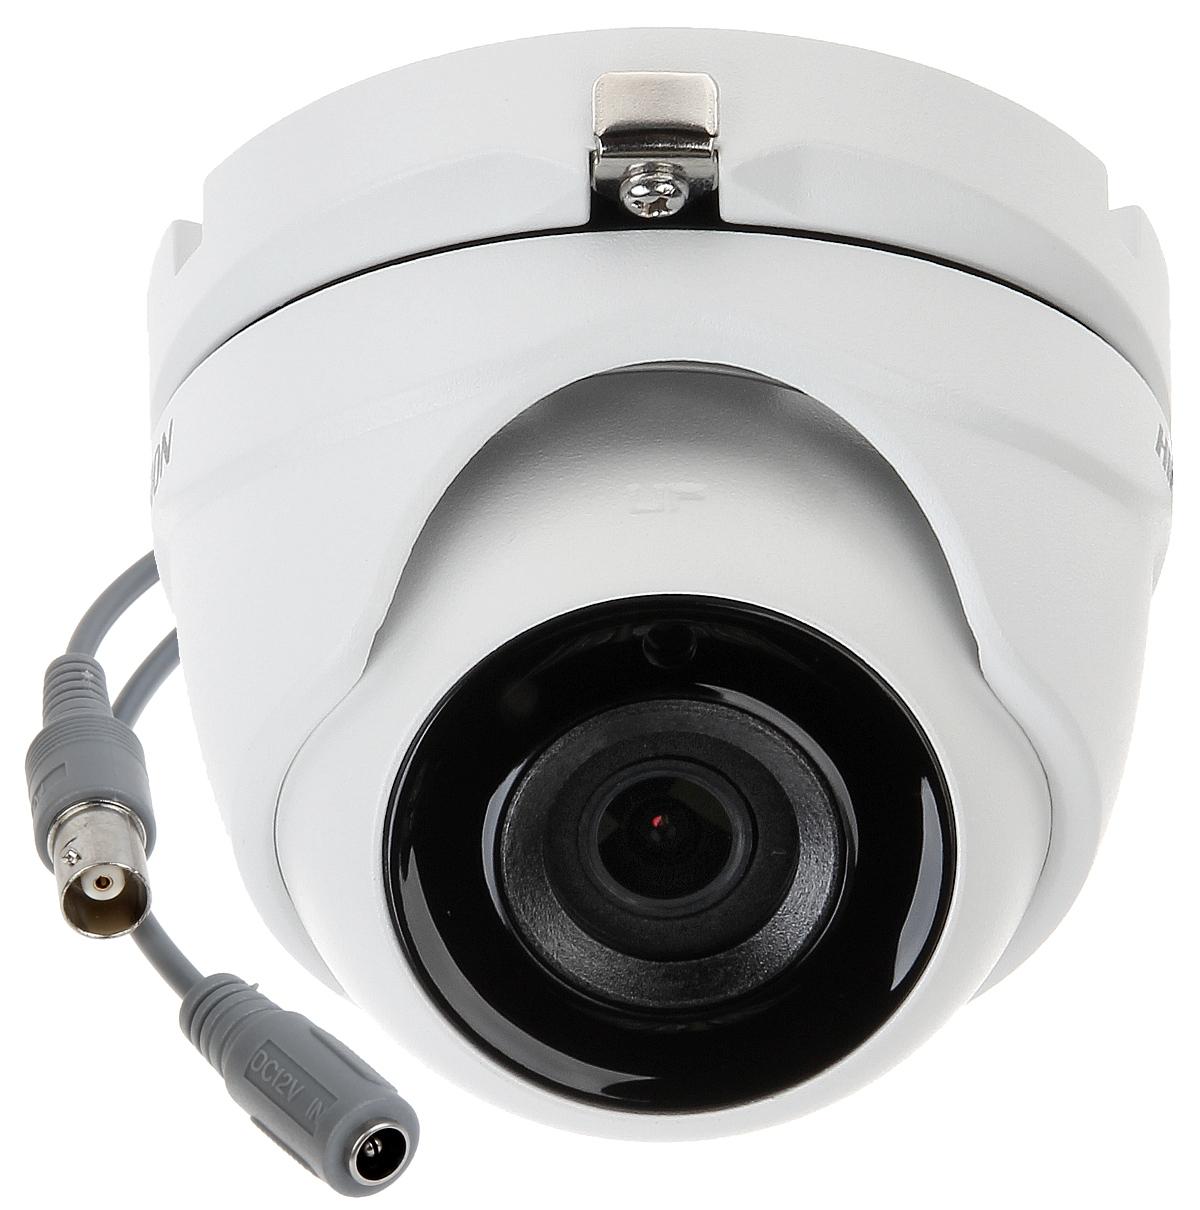 Camera Giám Sát An Ninh Hikvision HD-TVI DS-2CE56F1T-ITP - Plastic 3.0MP - Hàng Chính Hãng